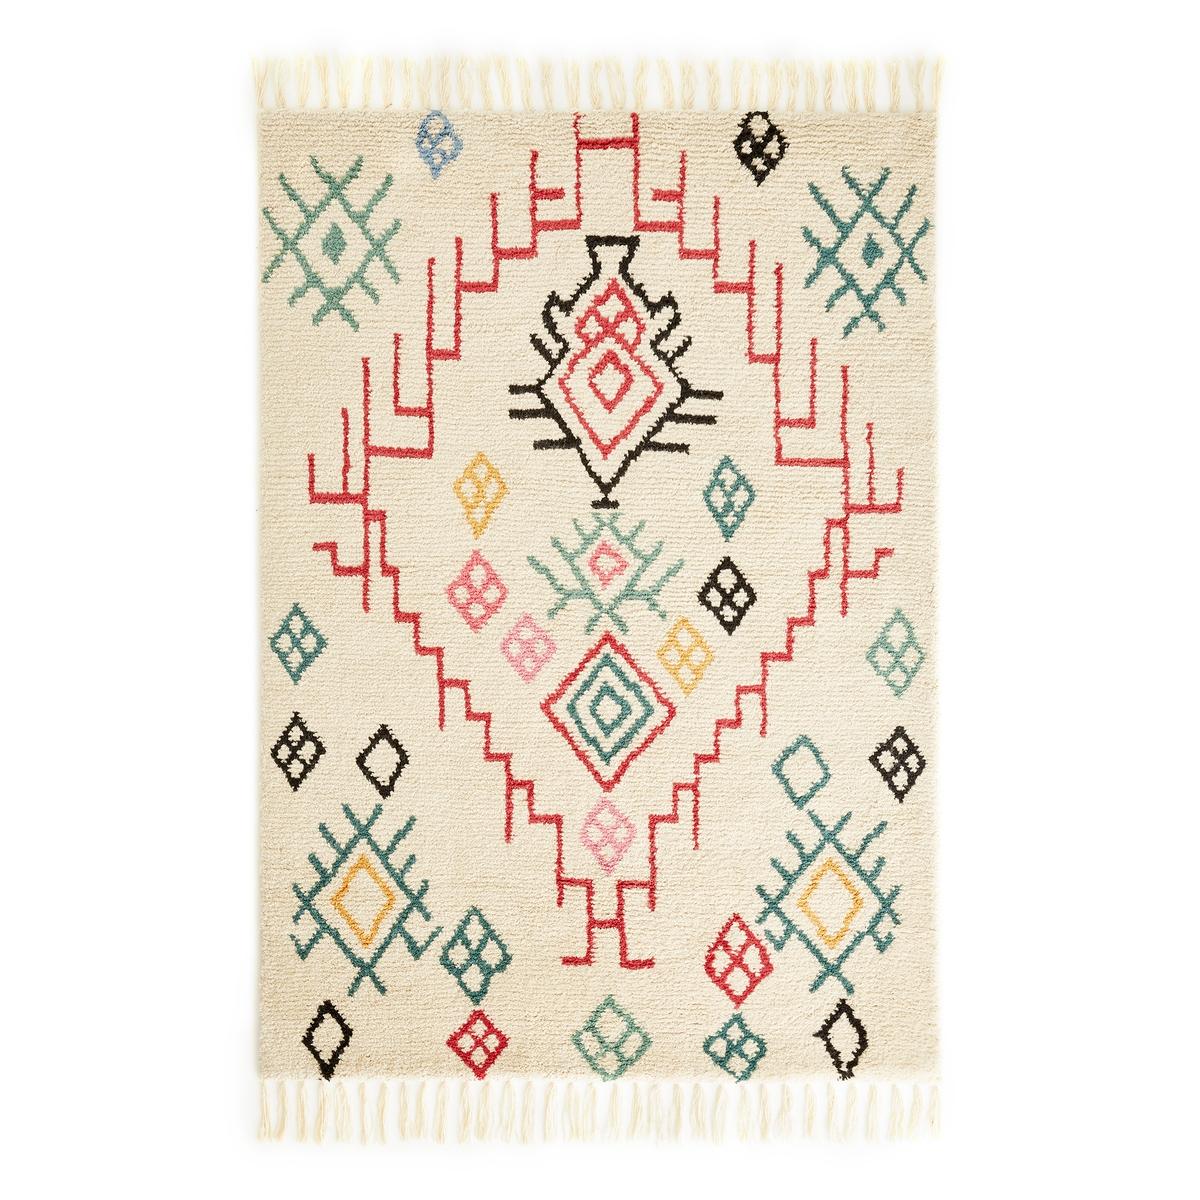 Ковер La Redoute В берберском стиле ADZA шерсть 160 x 230 см разноцветный ковер la redoute шерсть в берберском стиле anton 120 x 170 см бежевый